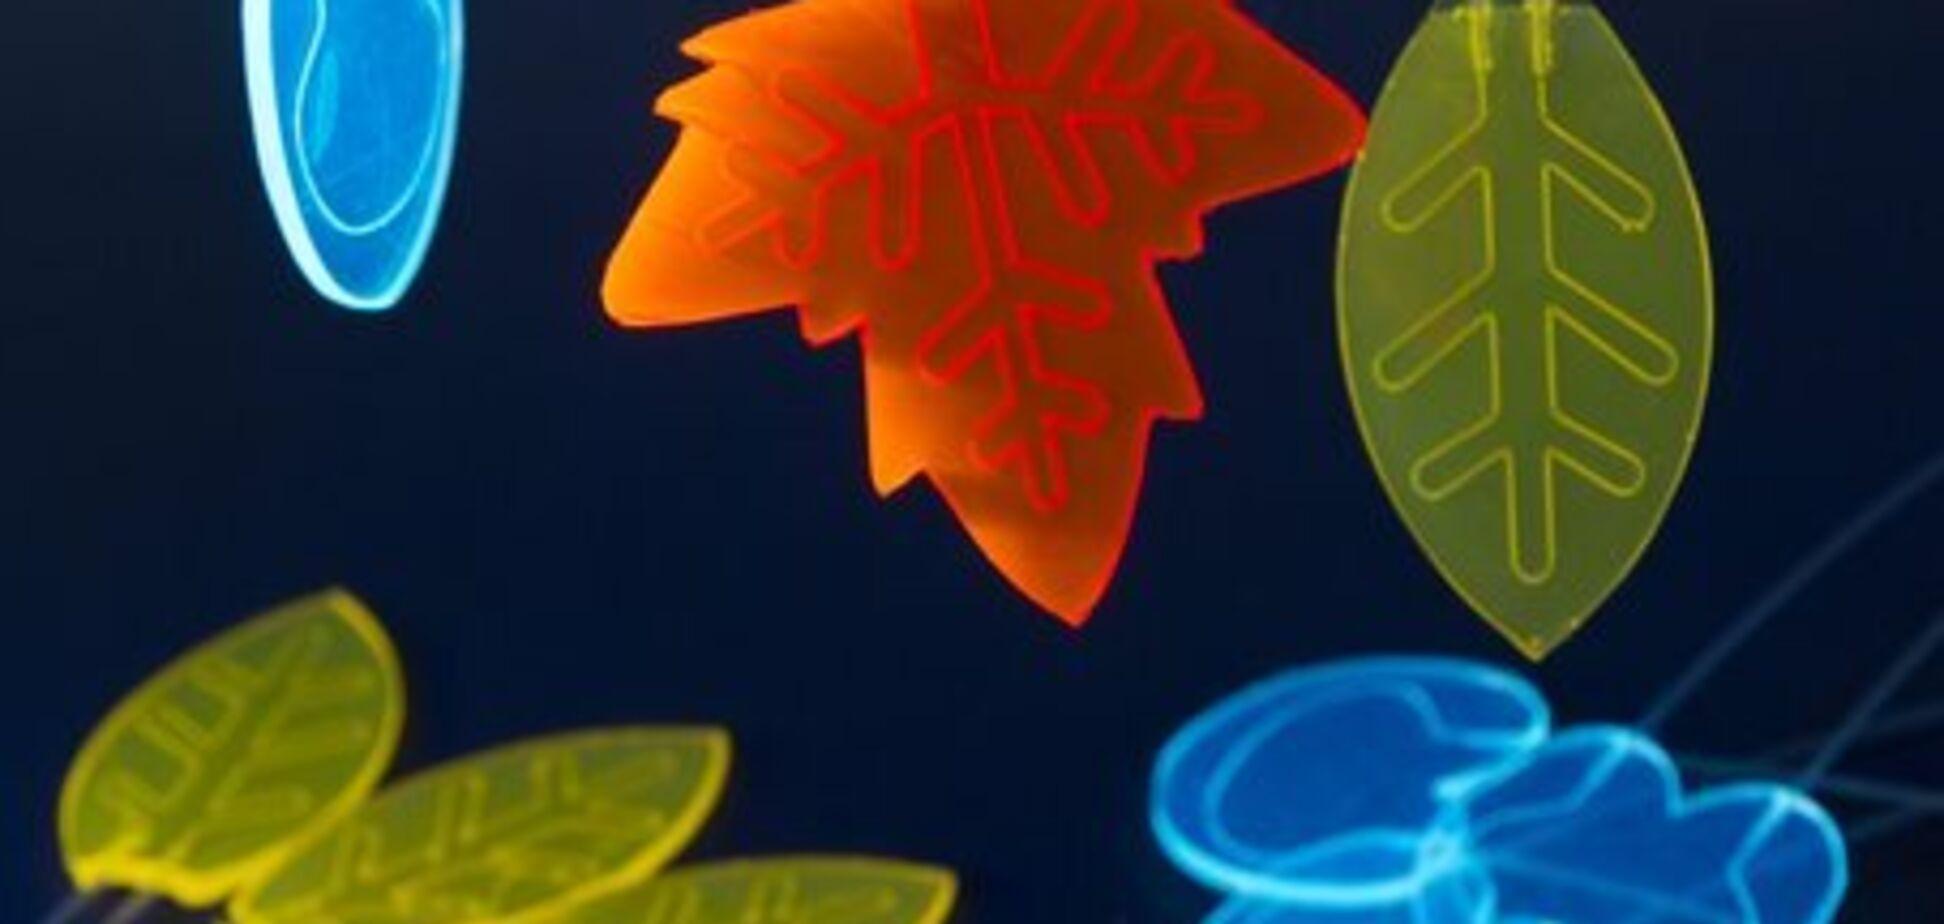 Ученые создали мини-реактор из 'листьев': как будут использовать